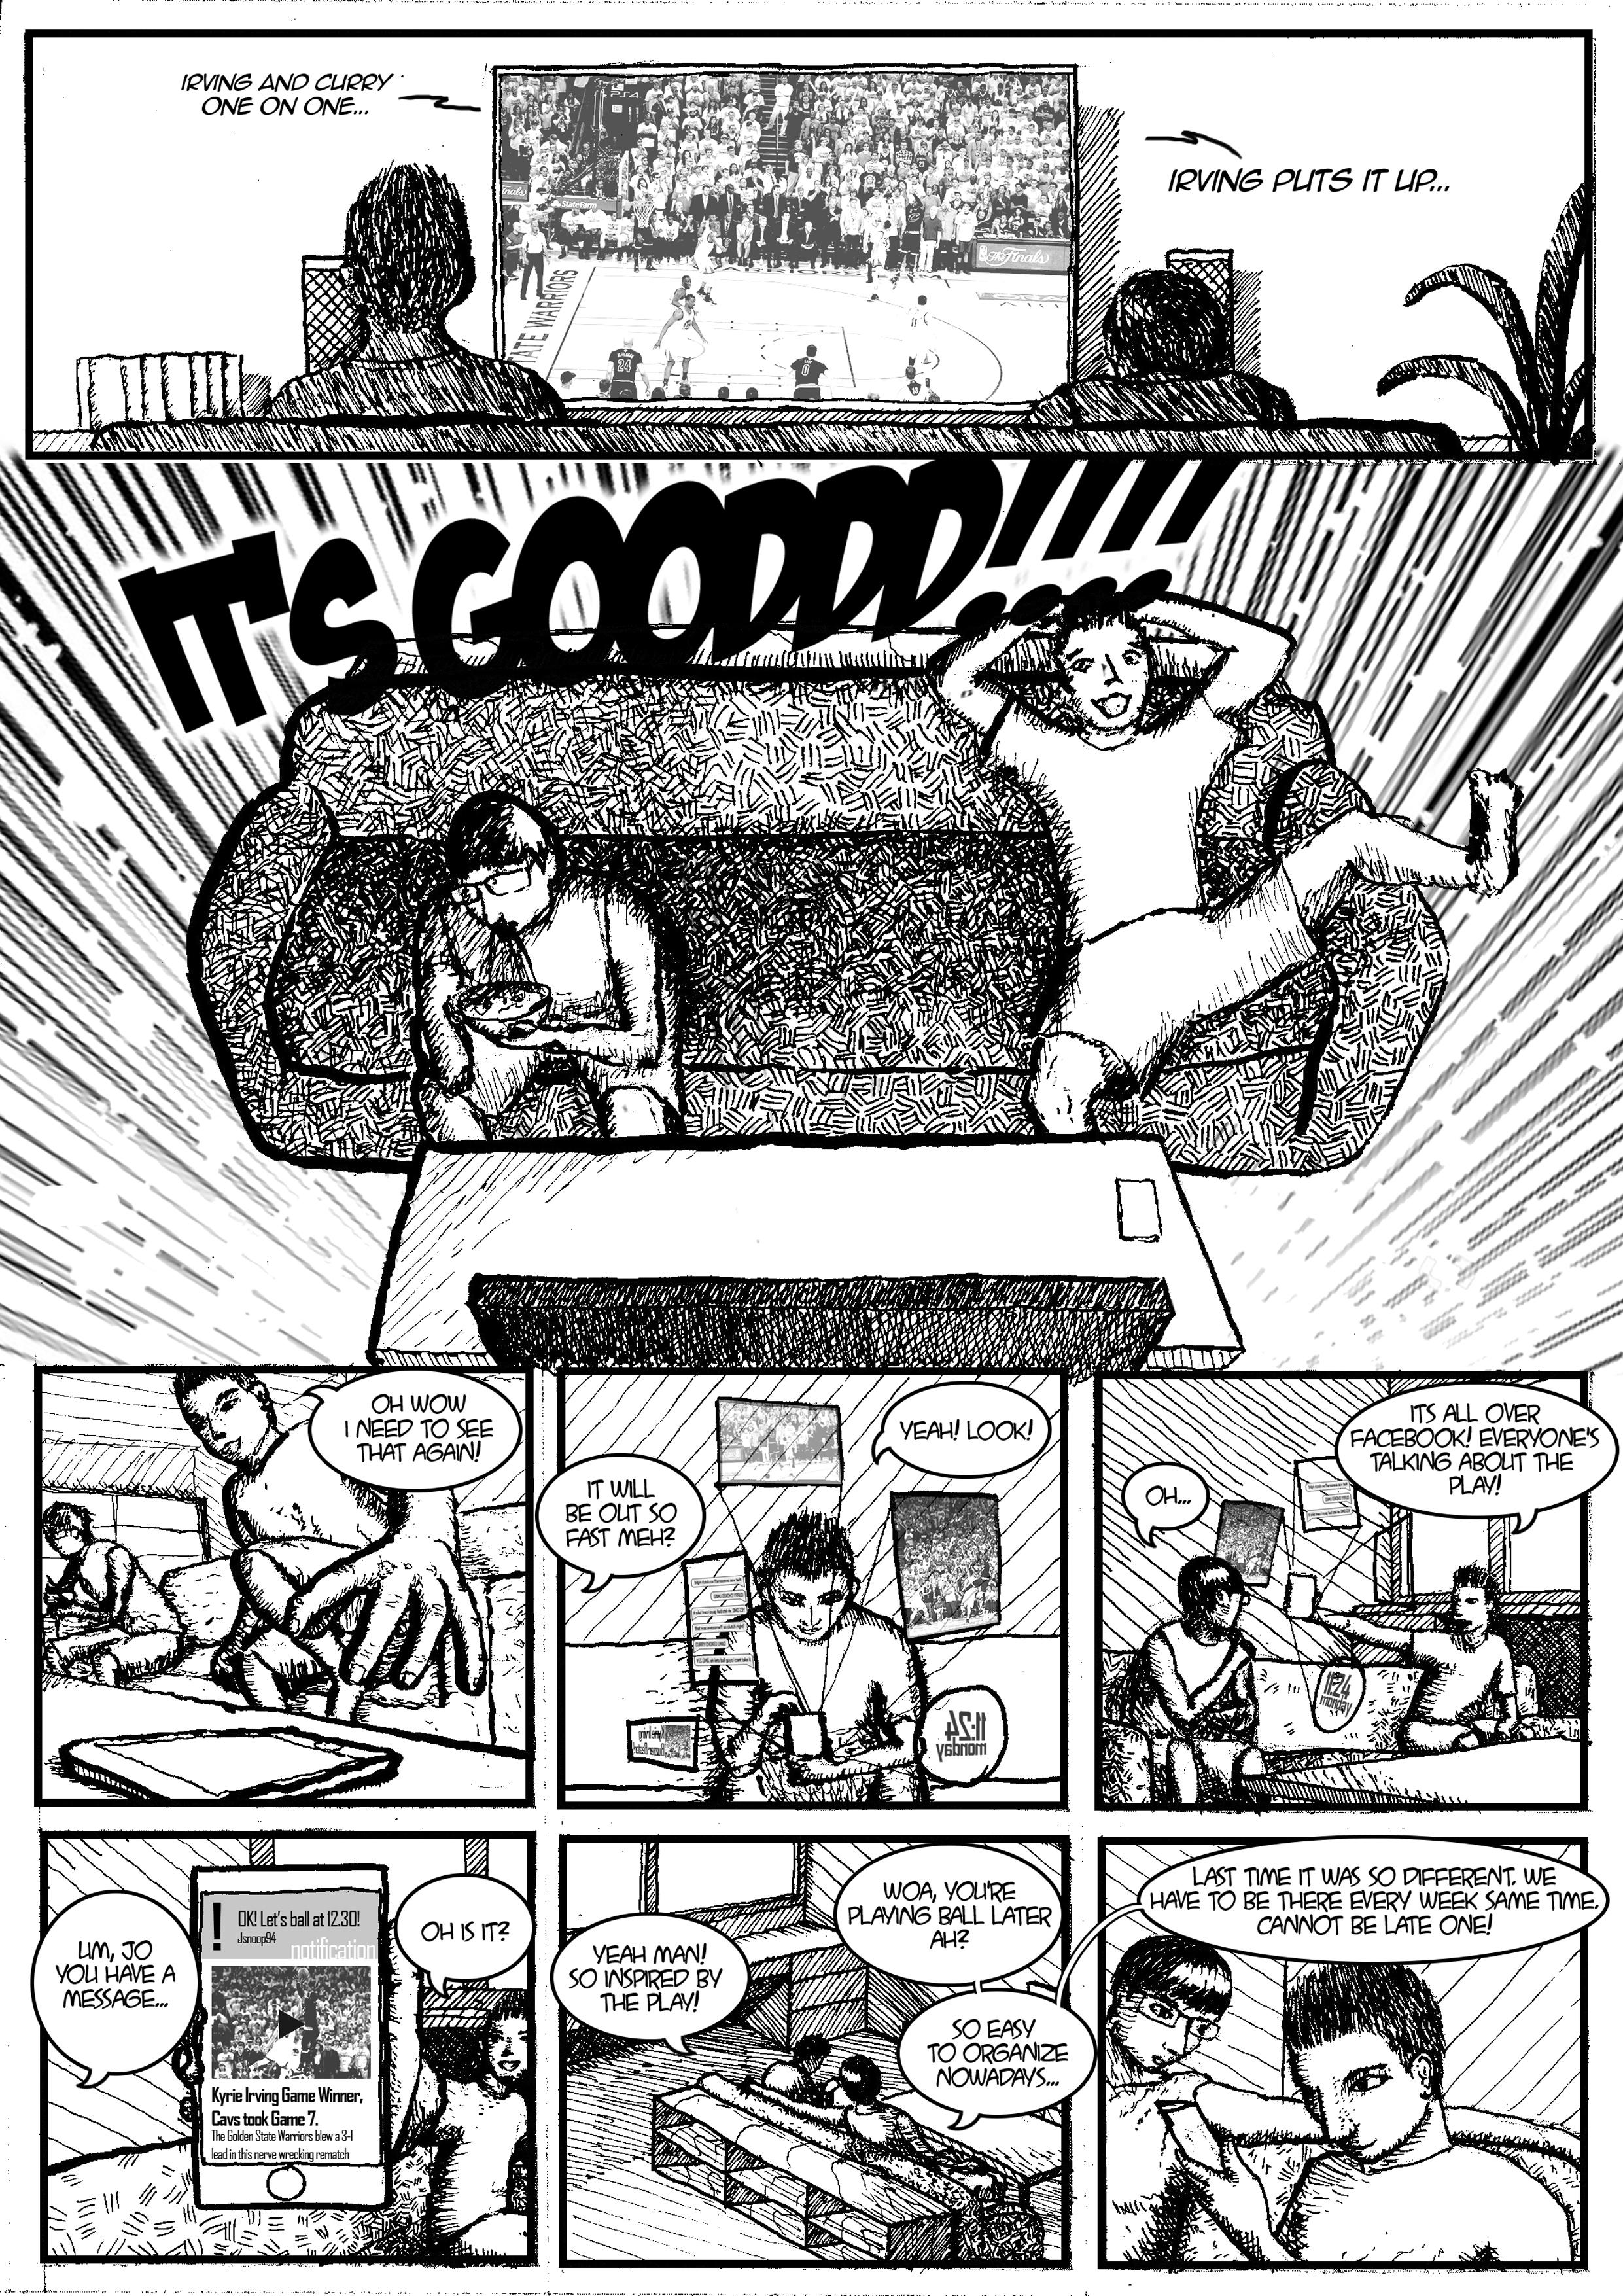 Ivan Deviano_week 4 comic scans_Page_1.jpg